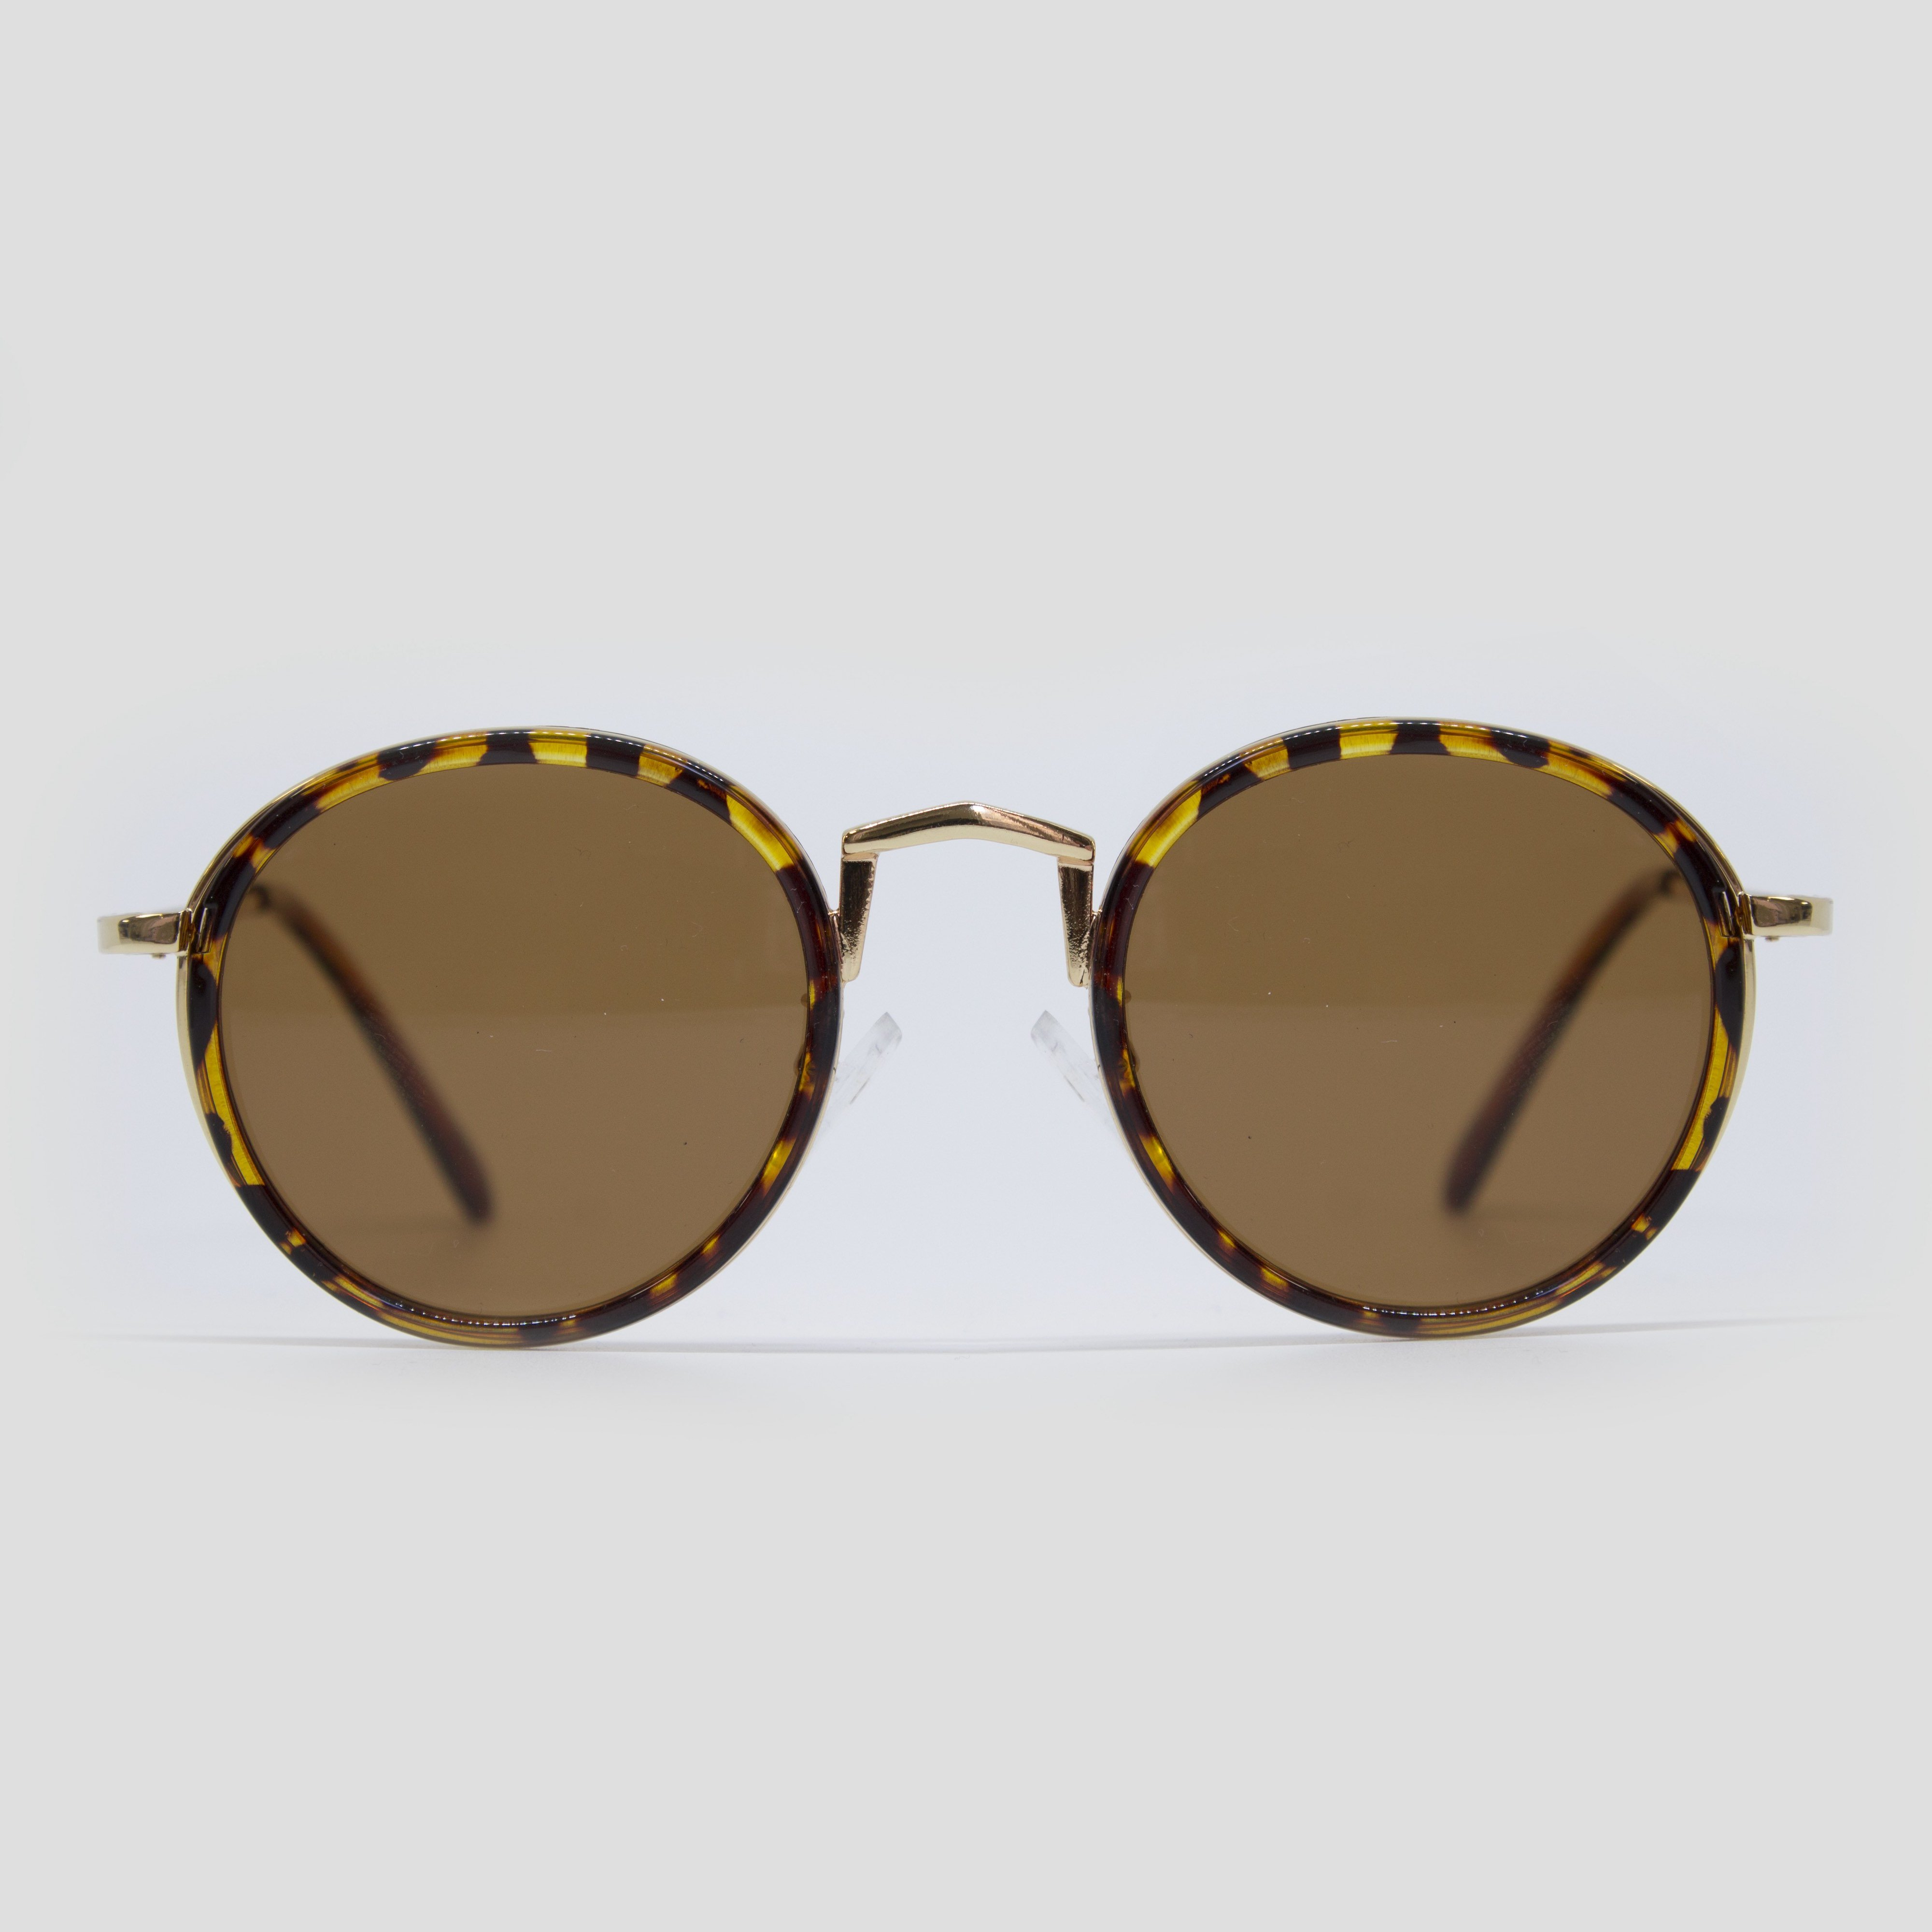 cadeau fete mères 2018 lunettes soleil tendance